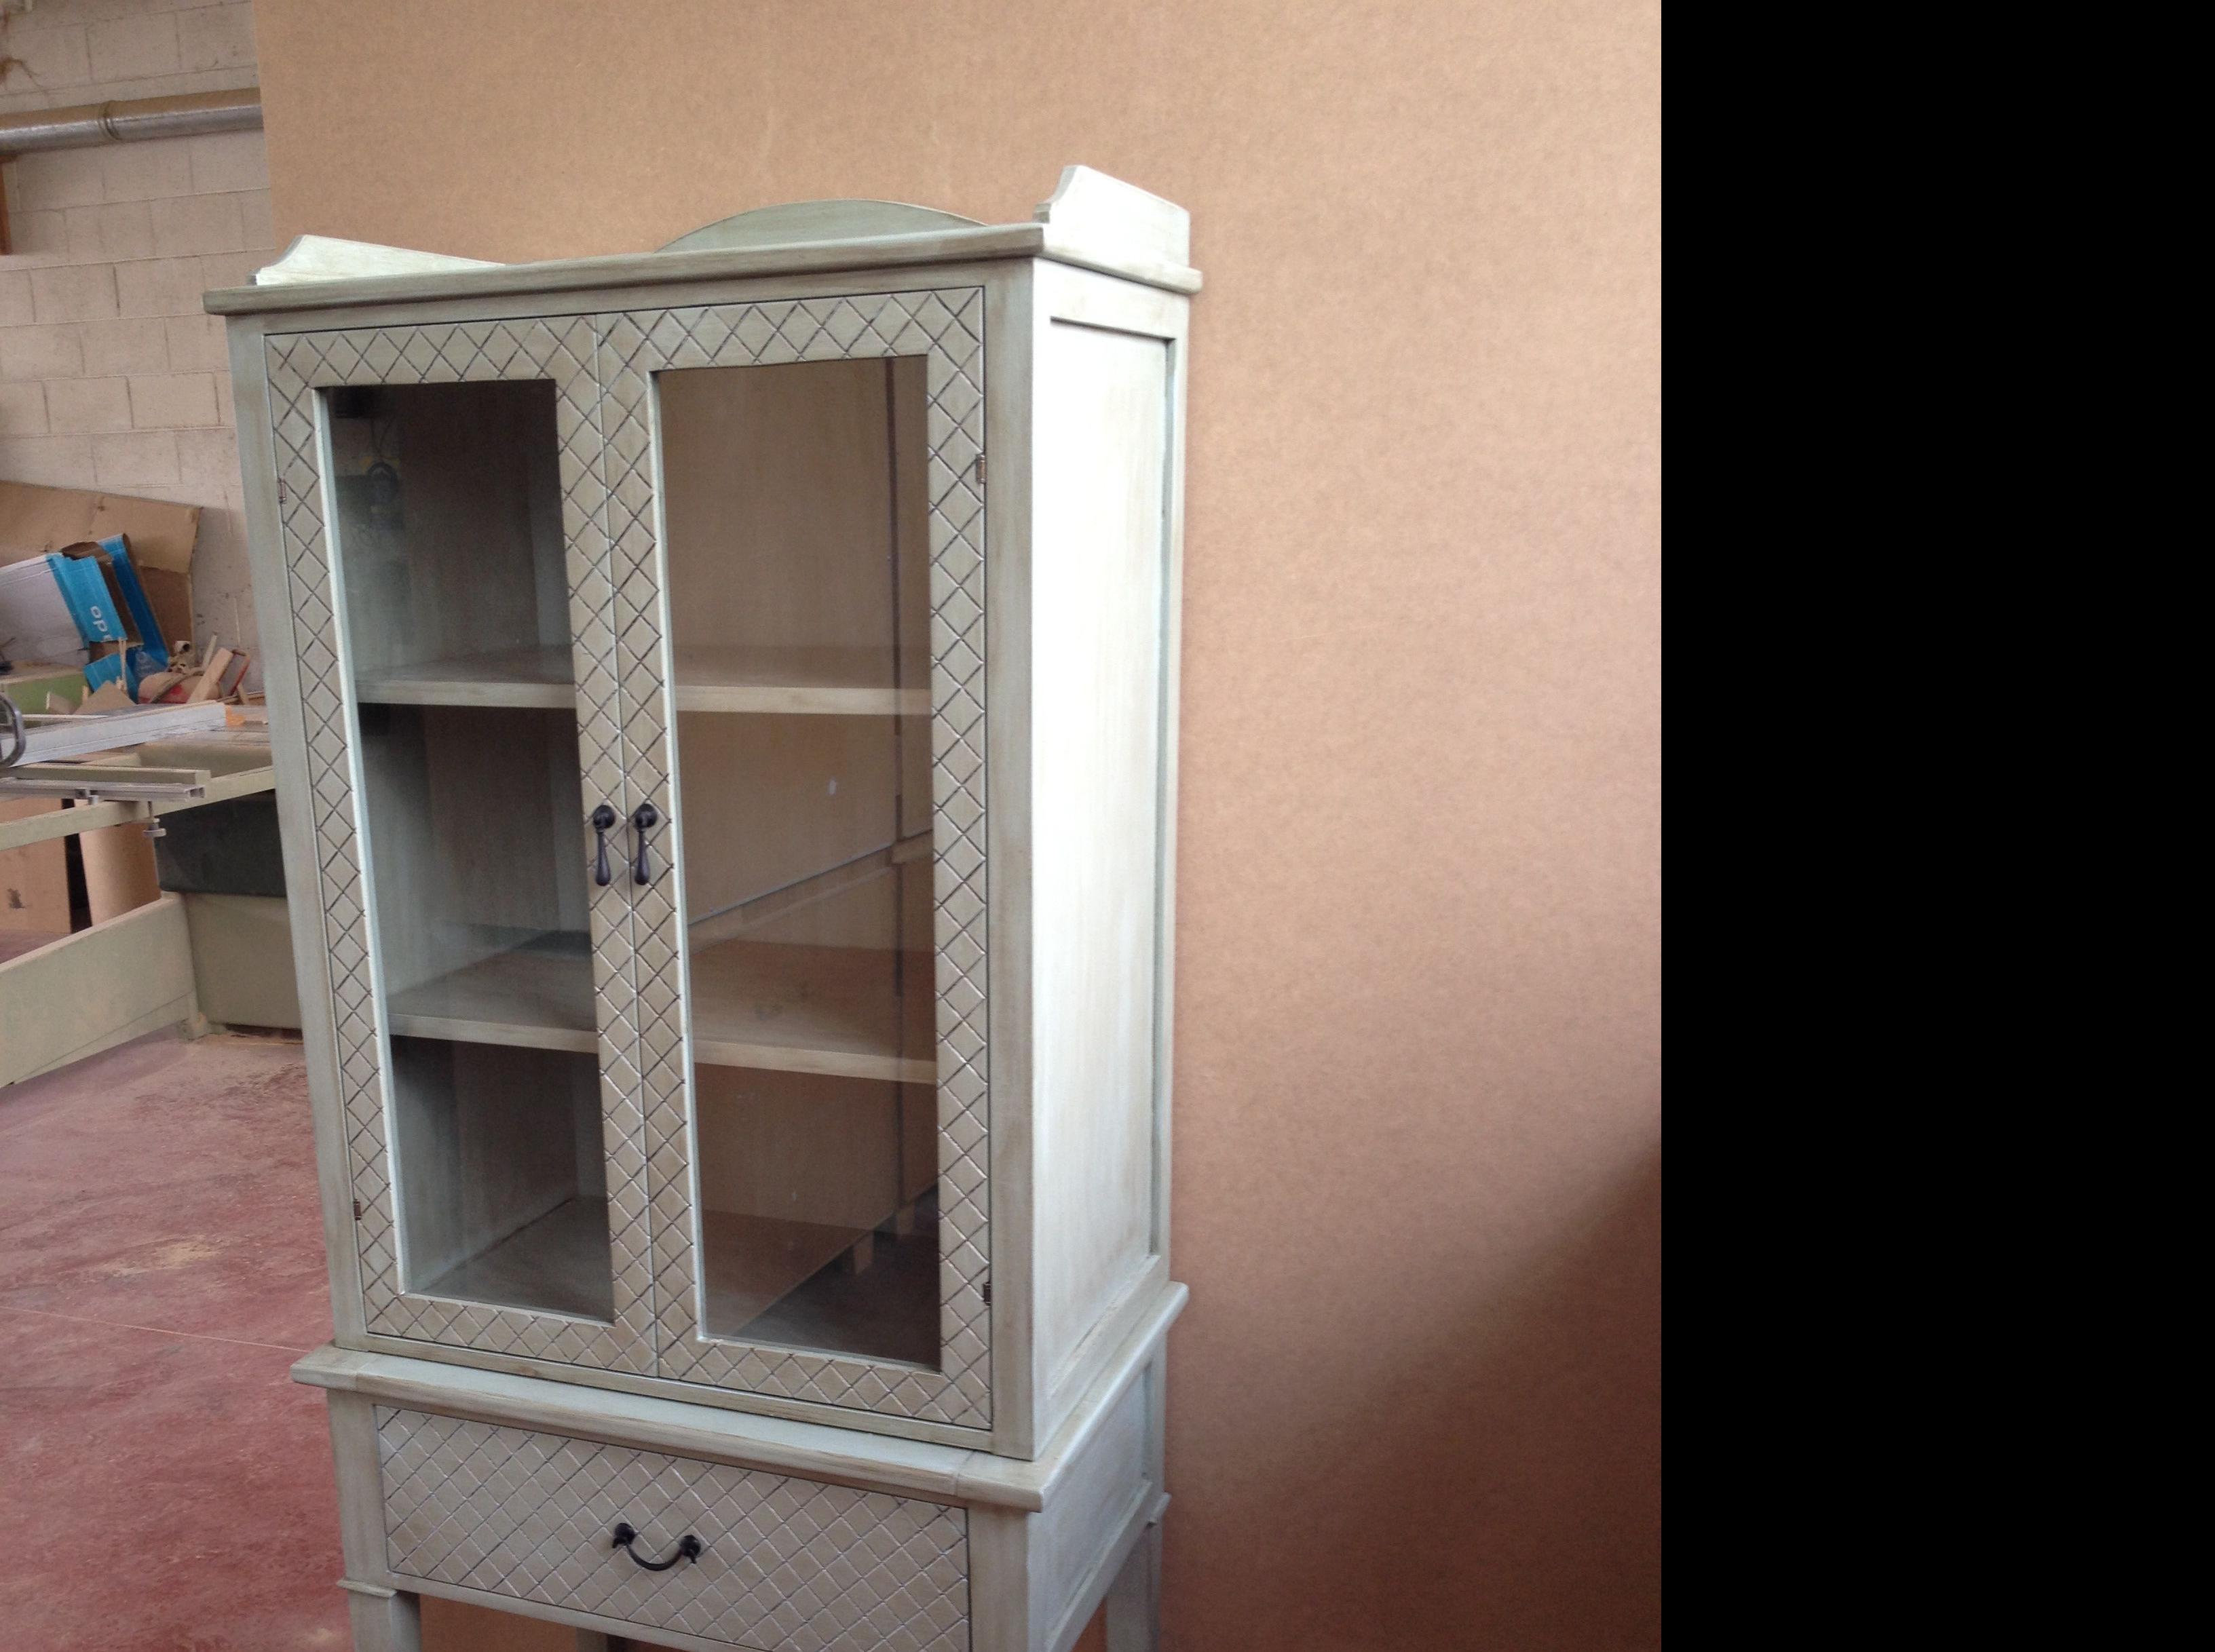 Mueble auxiliar personalizado / moble auxiliar personalitzat